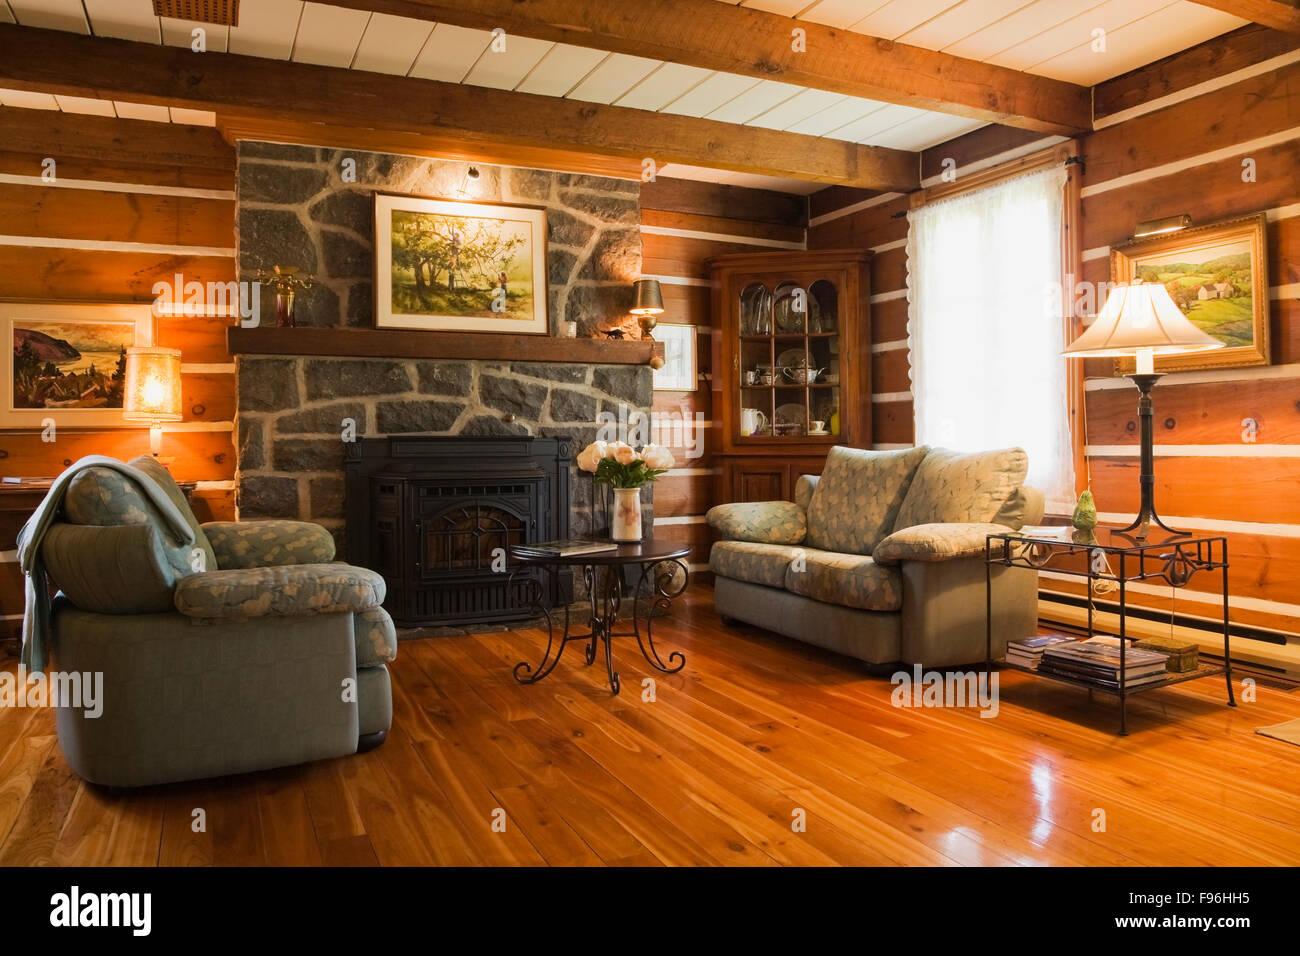 Canapes Et Cheminee En Pierre Dans Le Salon A L Interieur D Une Maison De Notation Empilees Monteregie Quebec Canada Photo Stock Alamy